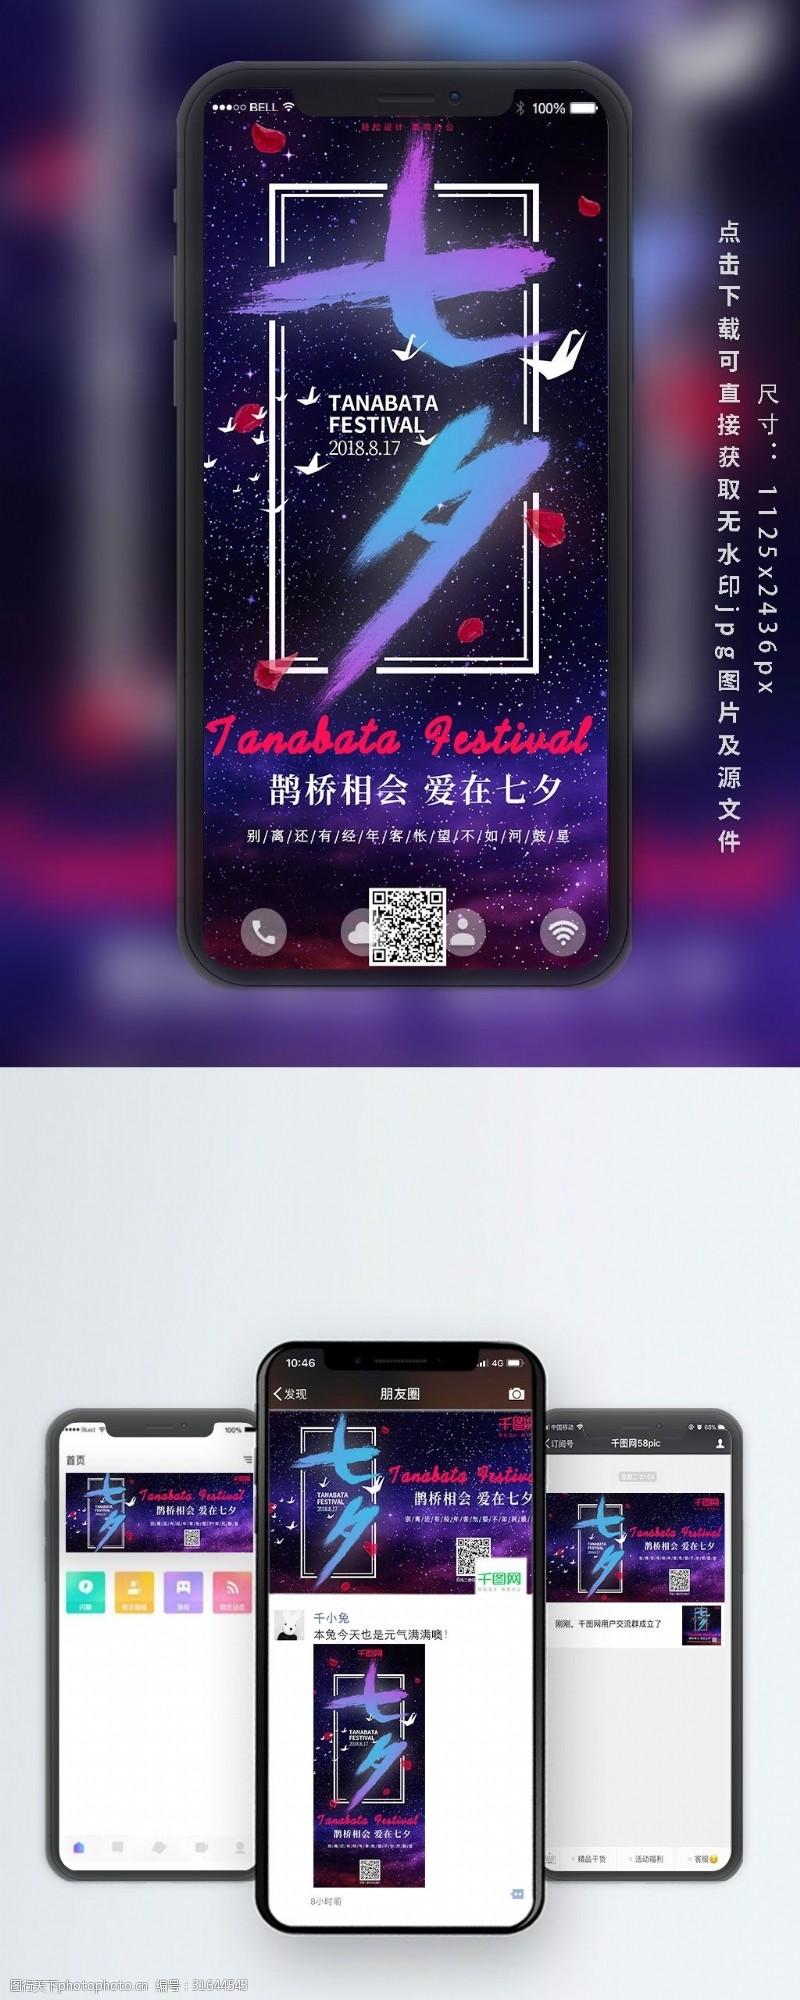 七夕快樂情人節手機海報閃屏啟動頁節日星空